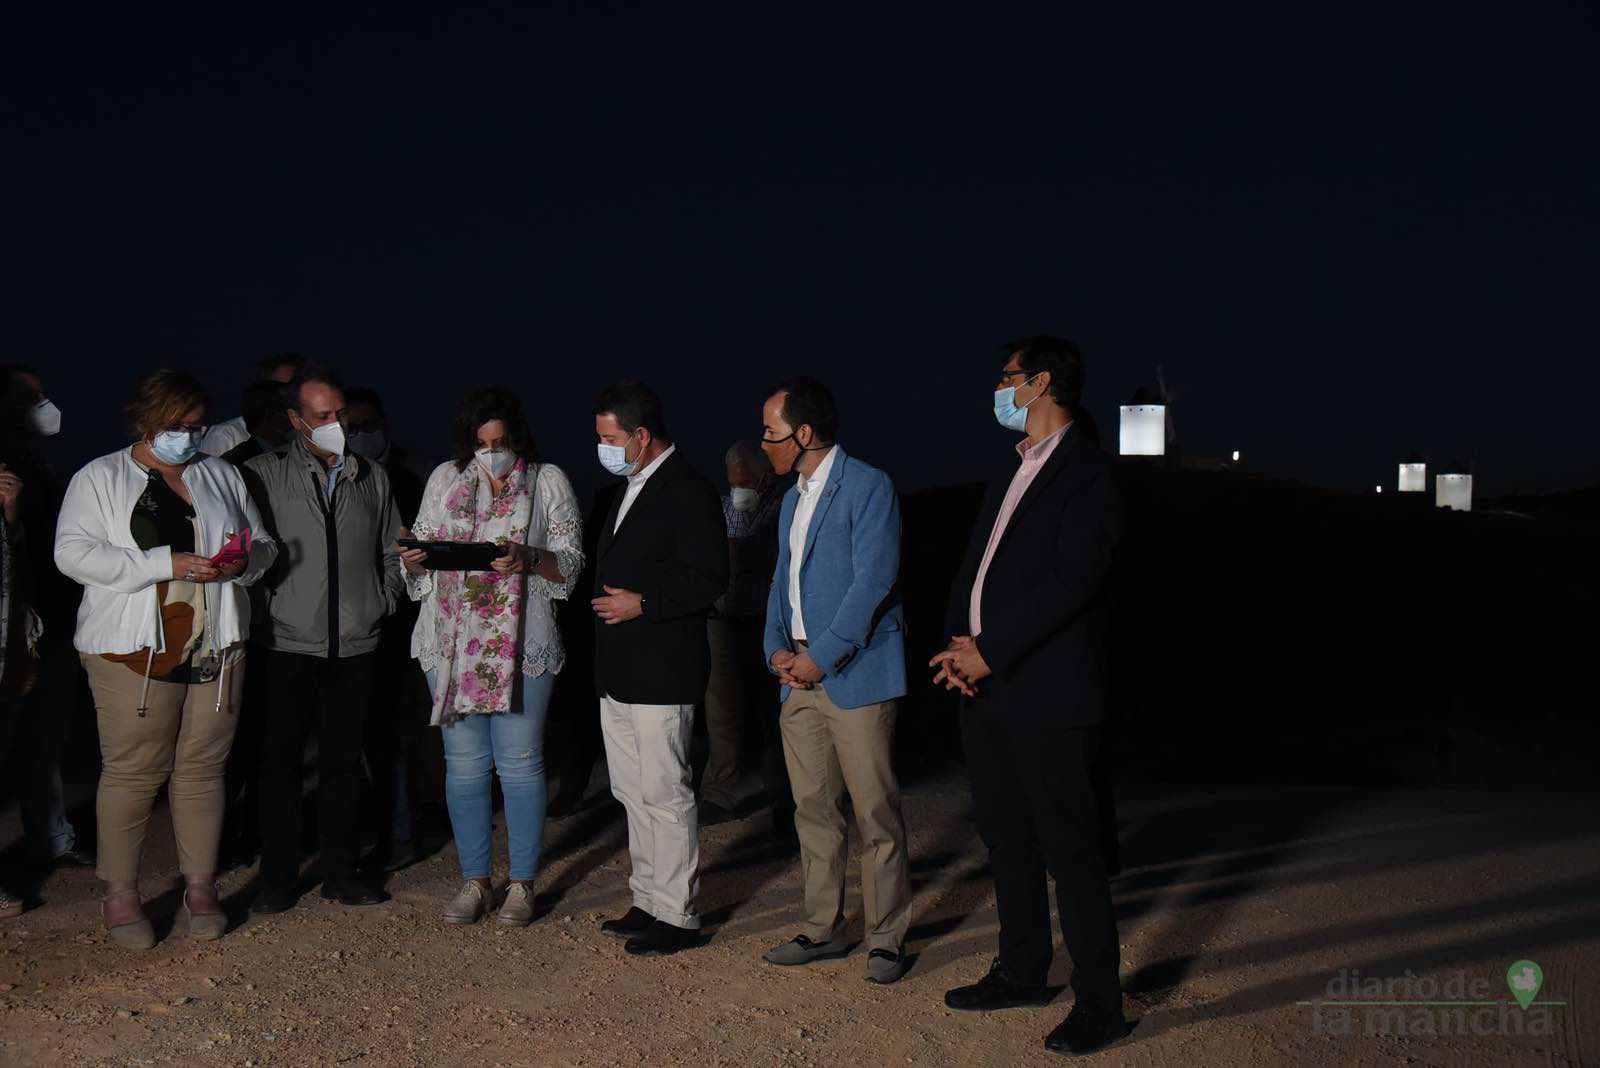 Herencia vuelve a inaugurar con una nueva iluminación artística sus molinos de viento 37